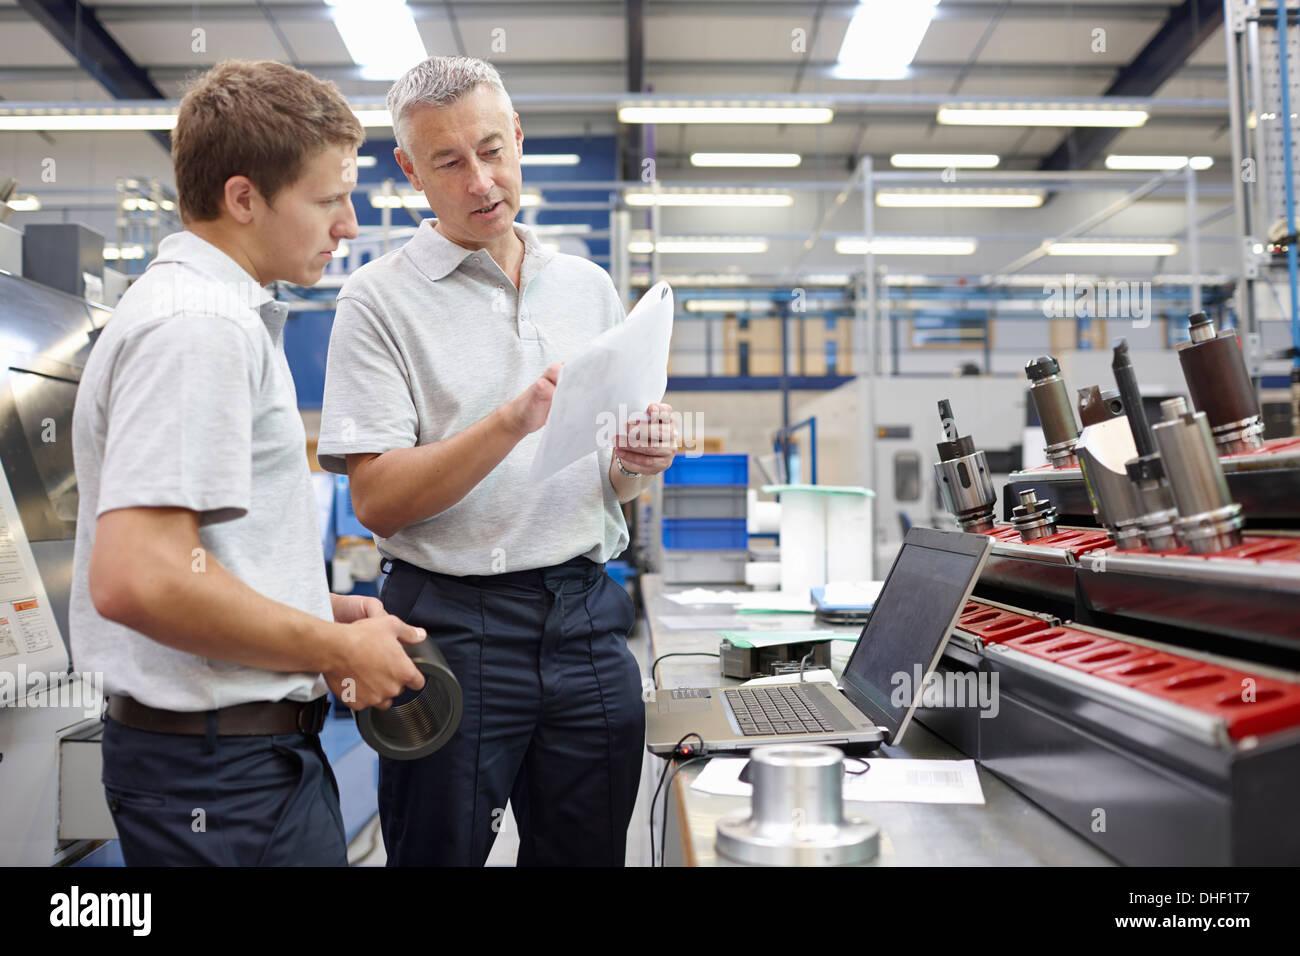 Lavoratore e di riunione dei manager nel magazzino di ingegneria Immagini Stock